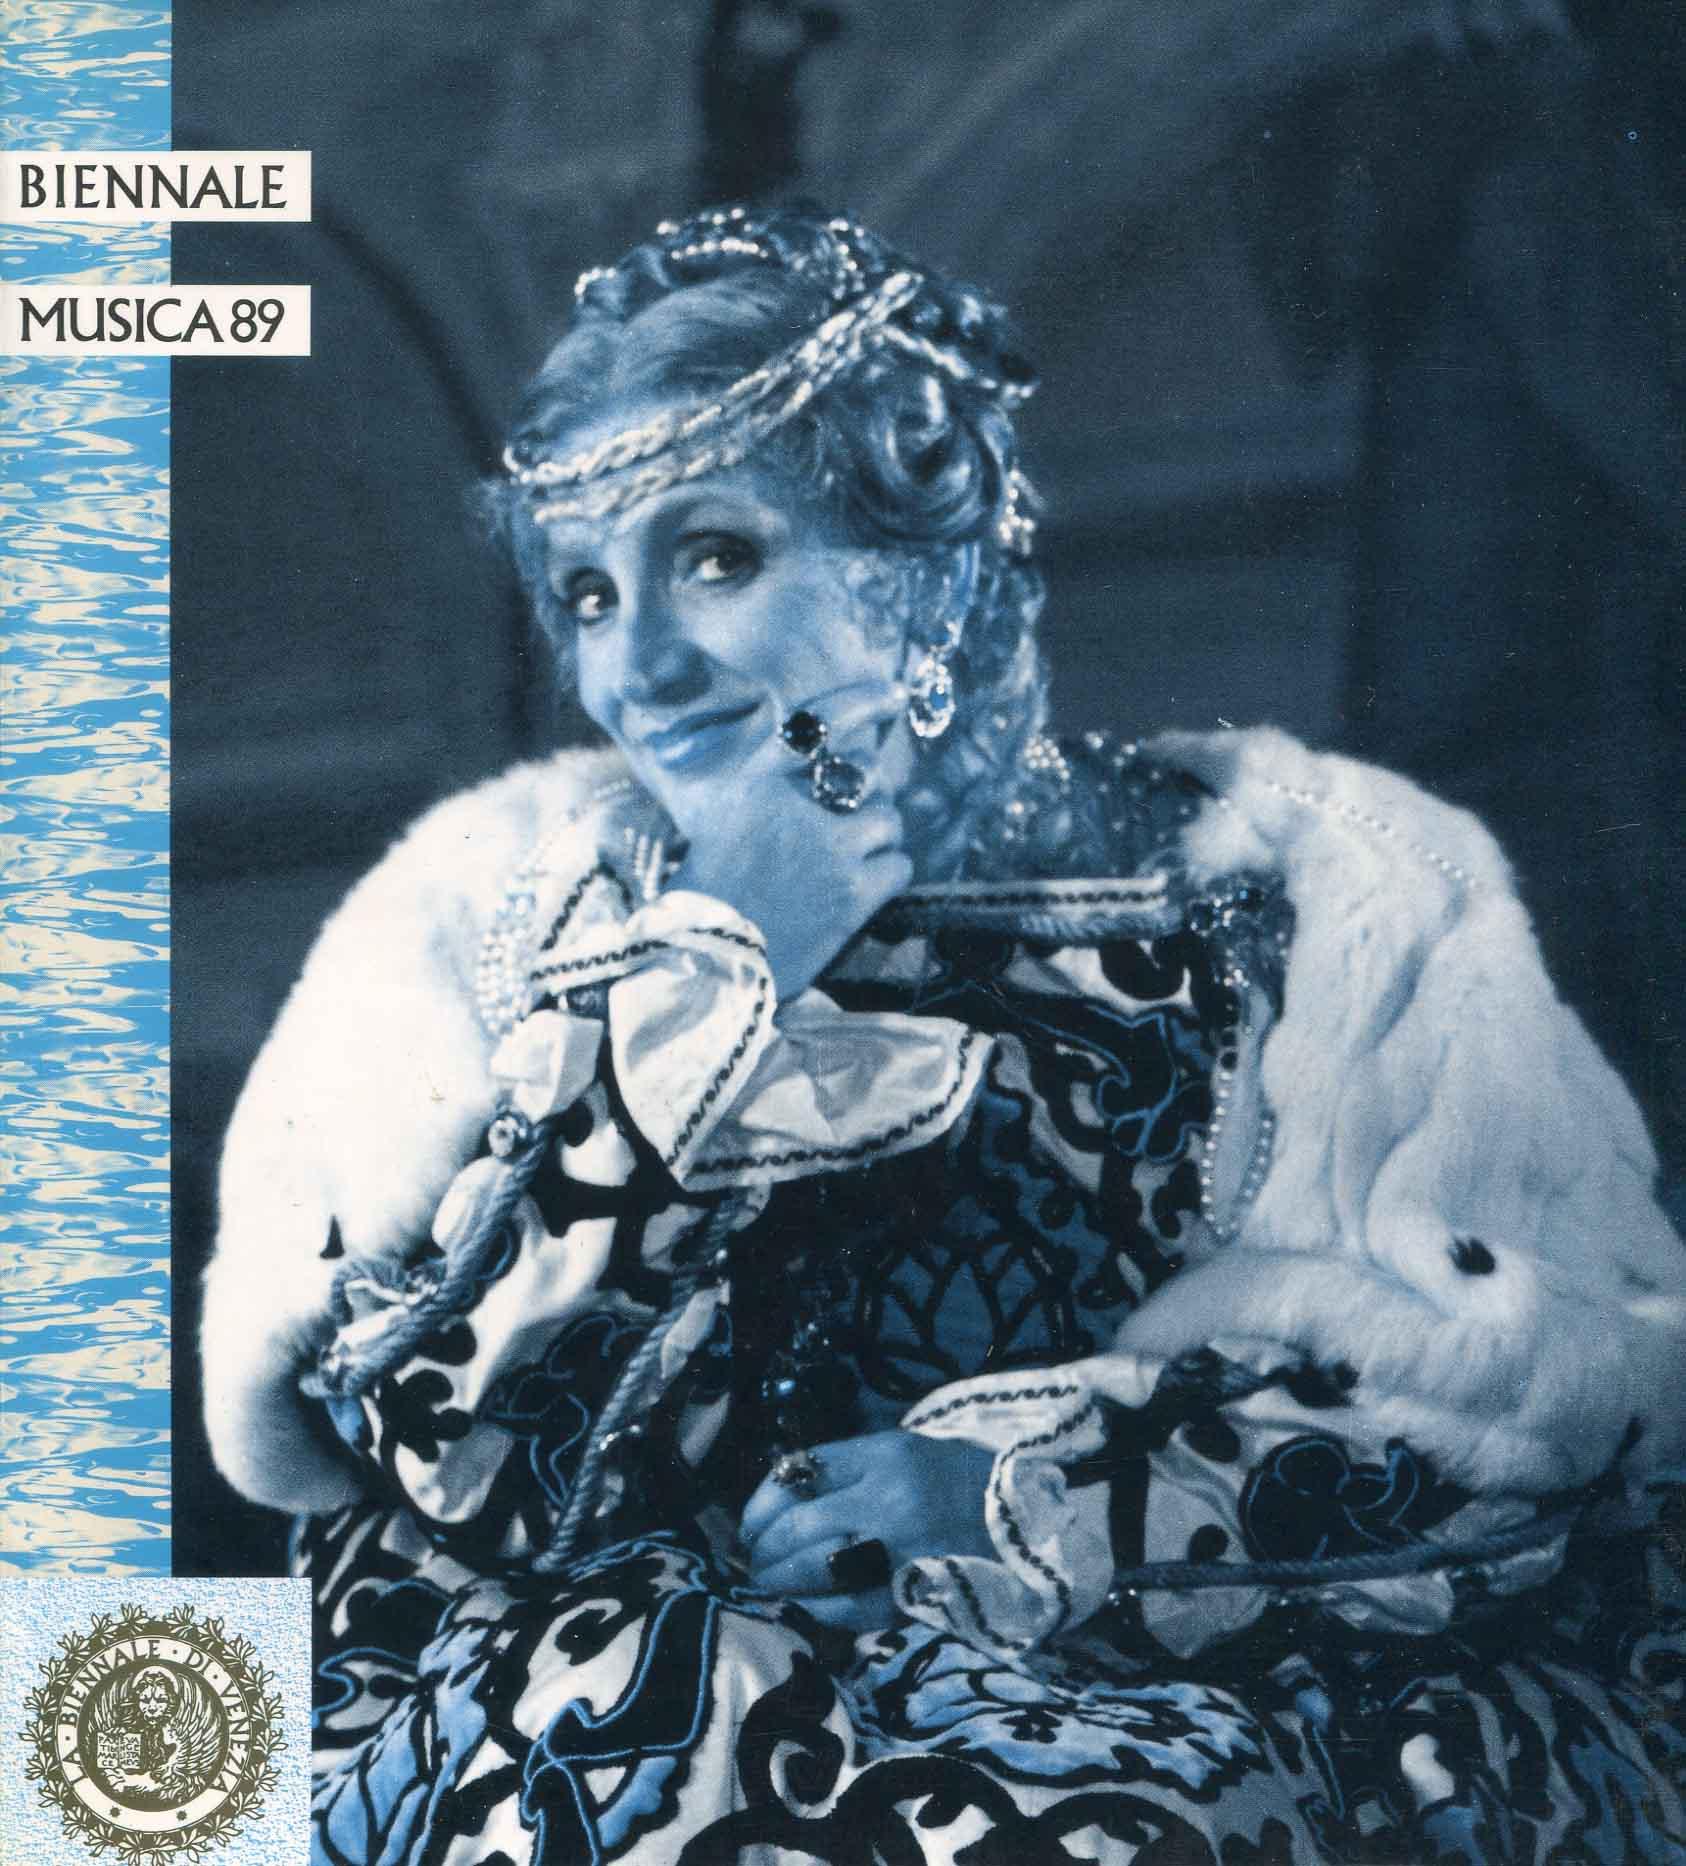 Biennale musica 89